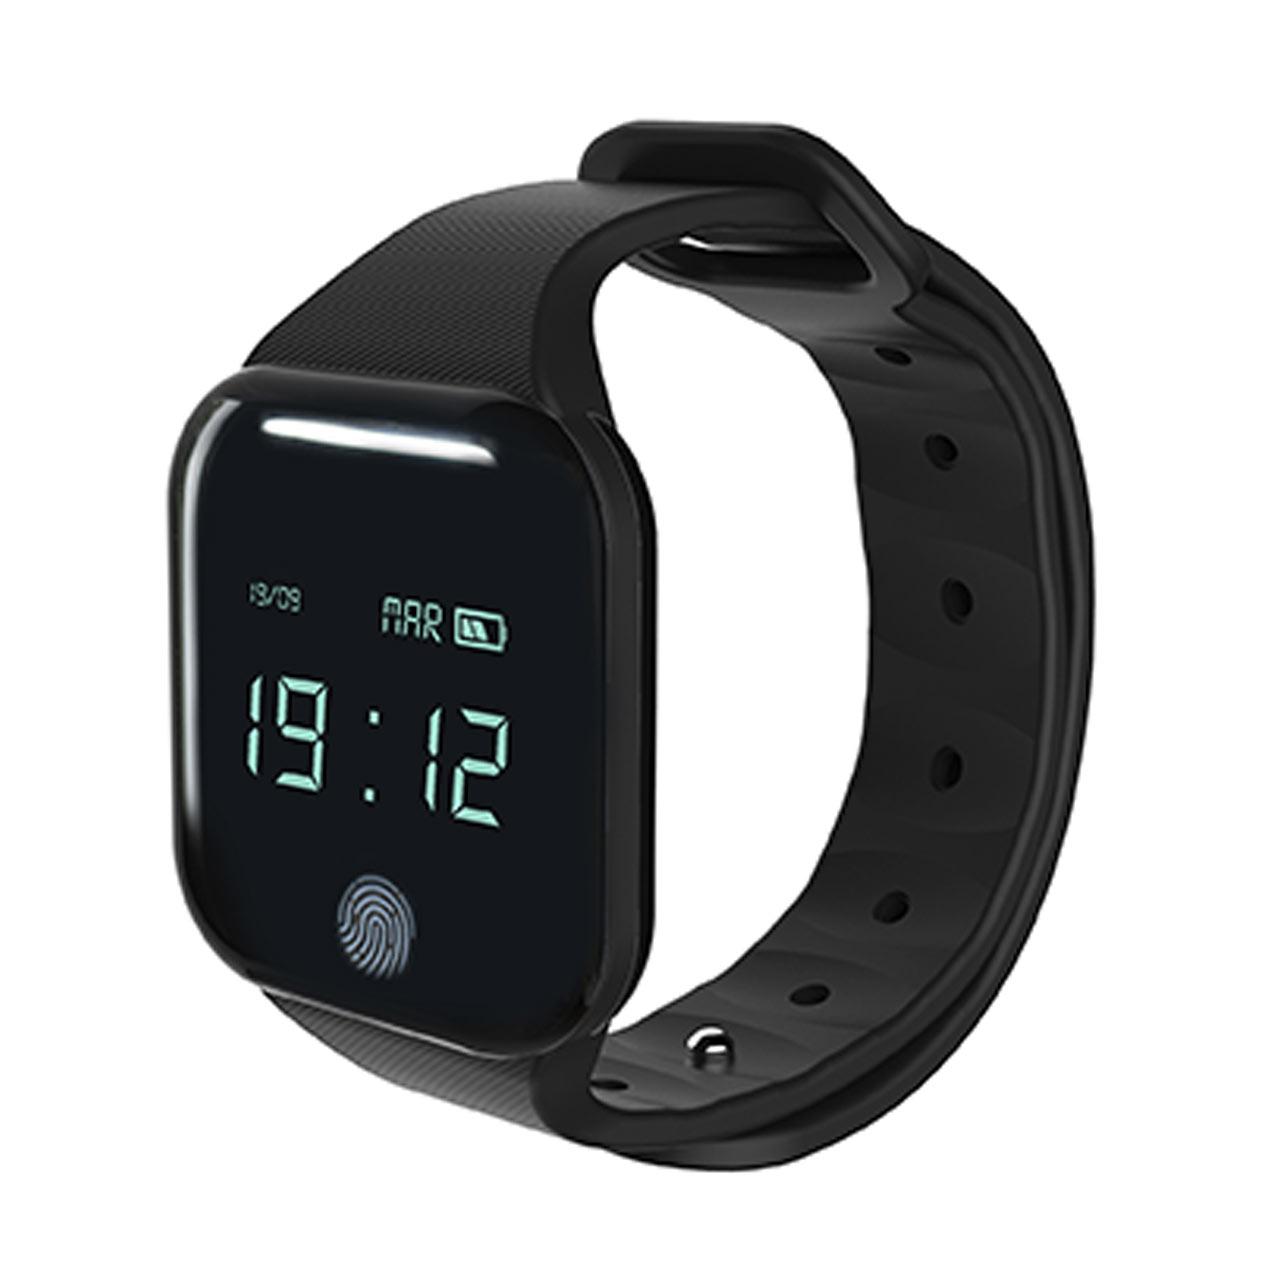 Smart Klokke - Bluetooth smart klokke som overvåker hjertefrekvens, kalorier brent, trinn og søvn. Varsler også om innkommende meldinger. Gratis app. 264x35x10 mmFra D-vise645,-